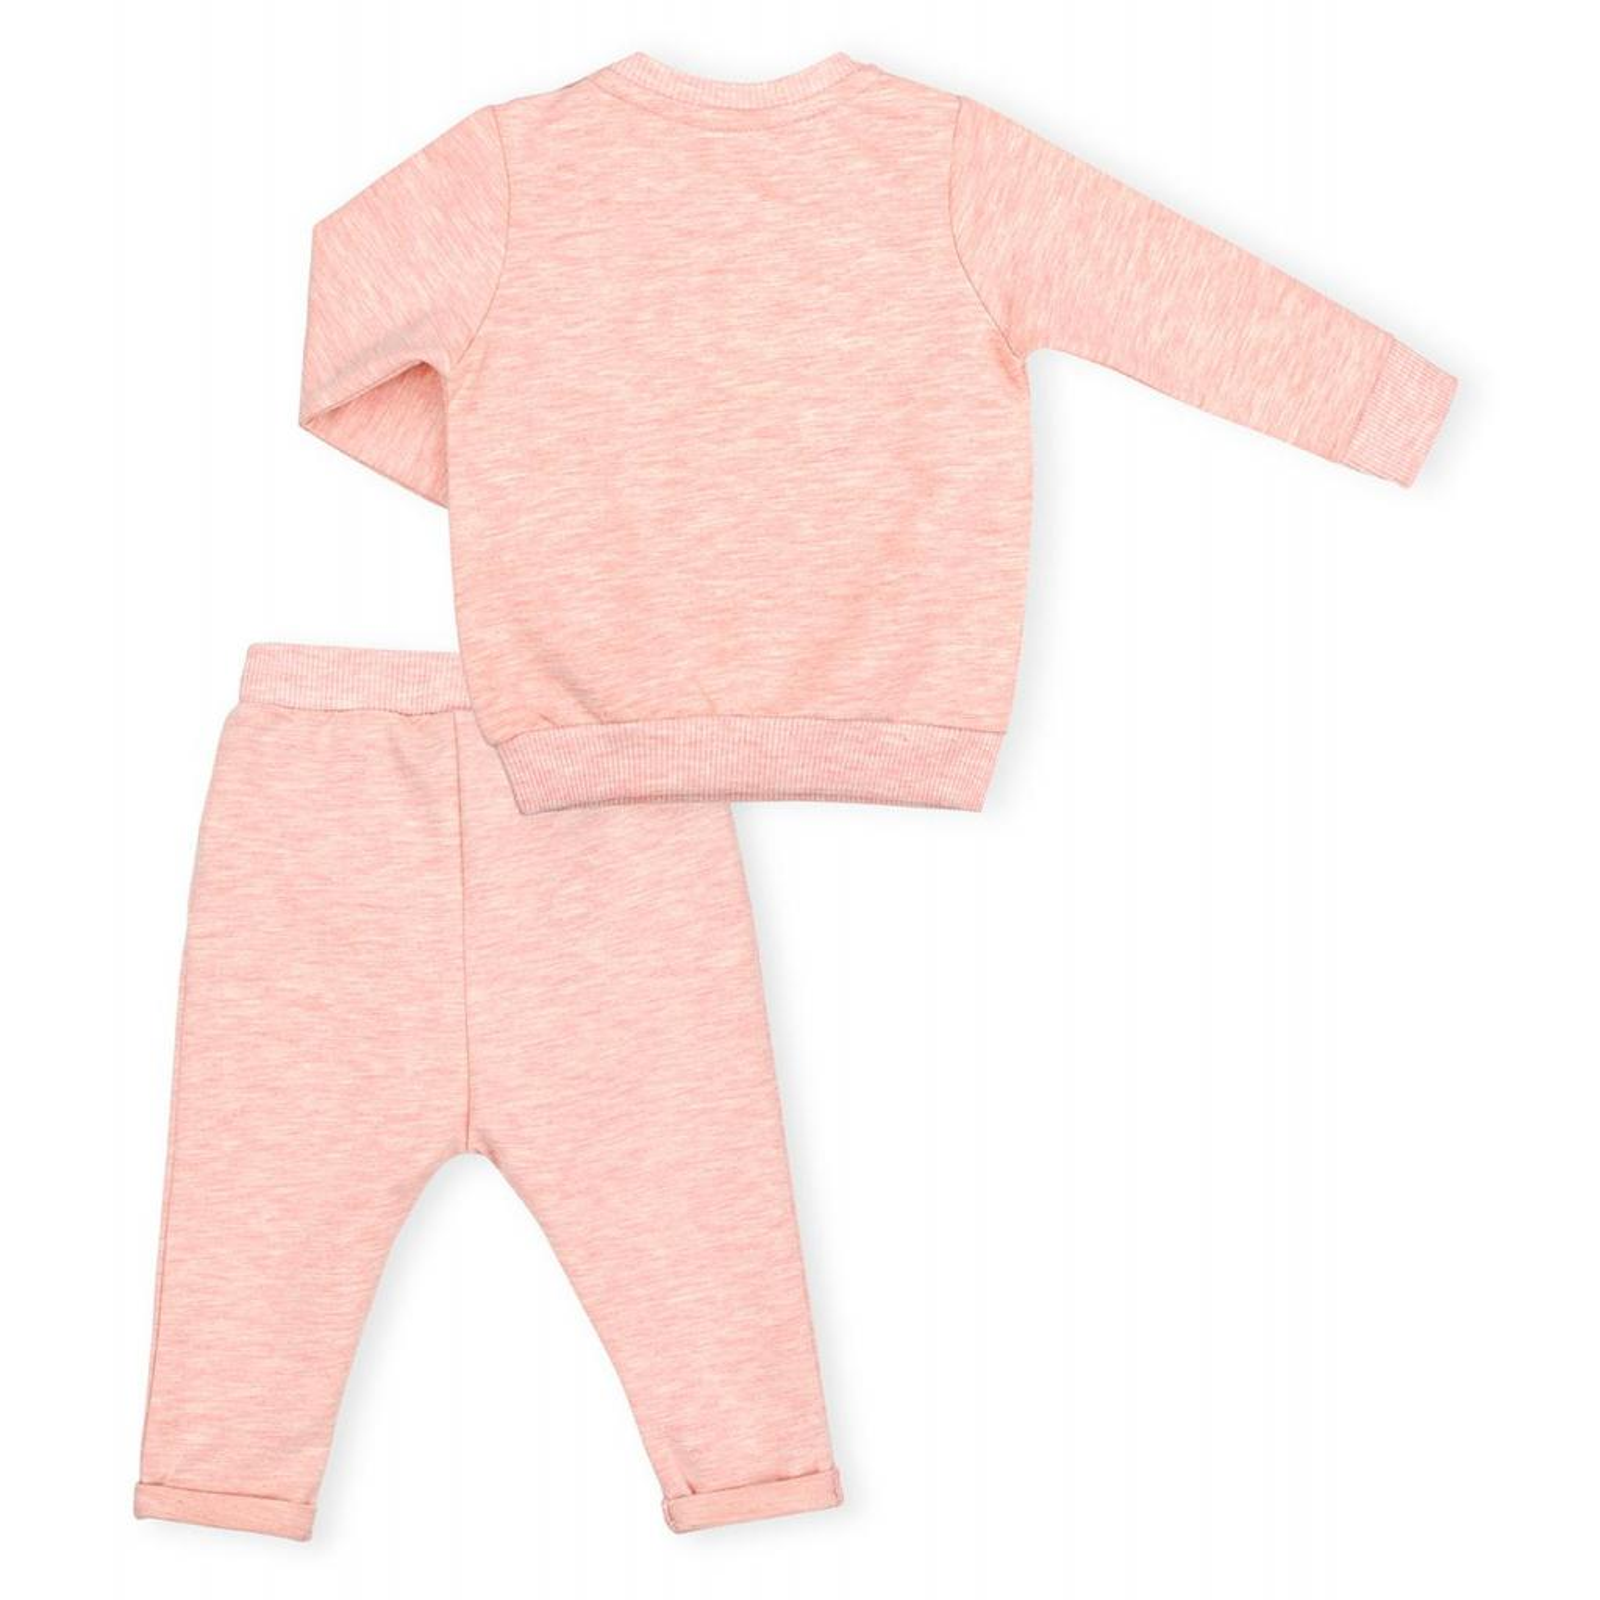 Набор детской одежды Breeze с зайчиками (10214-92G-peach) изображение 4